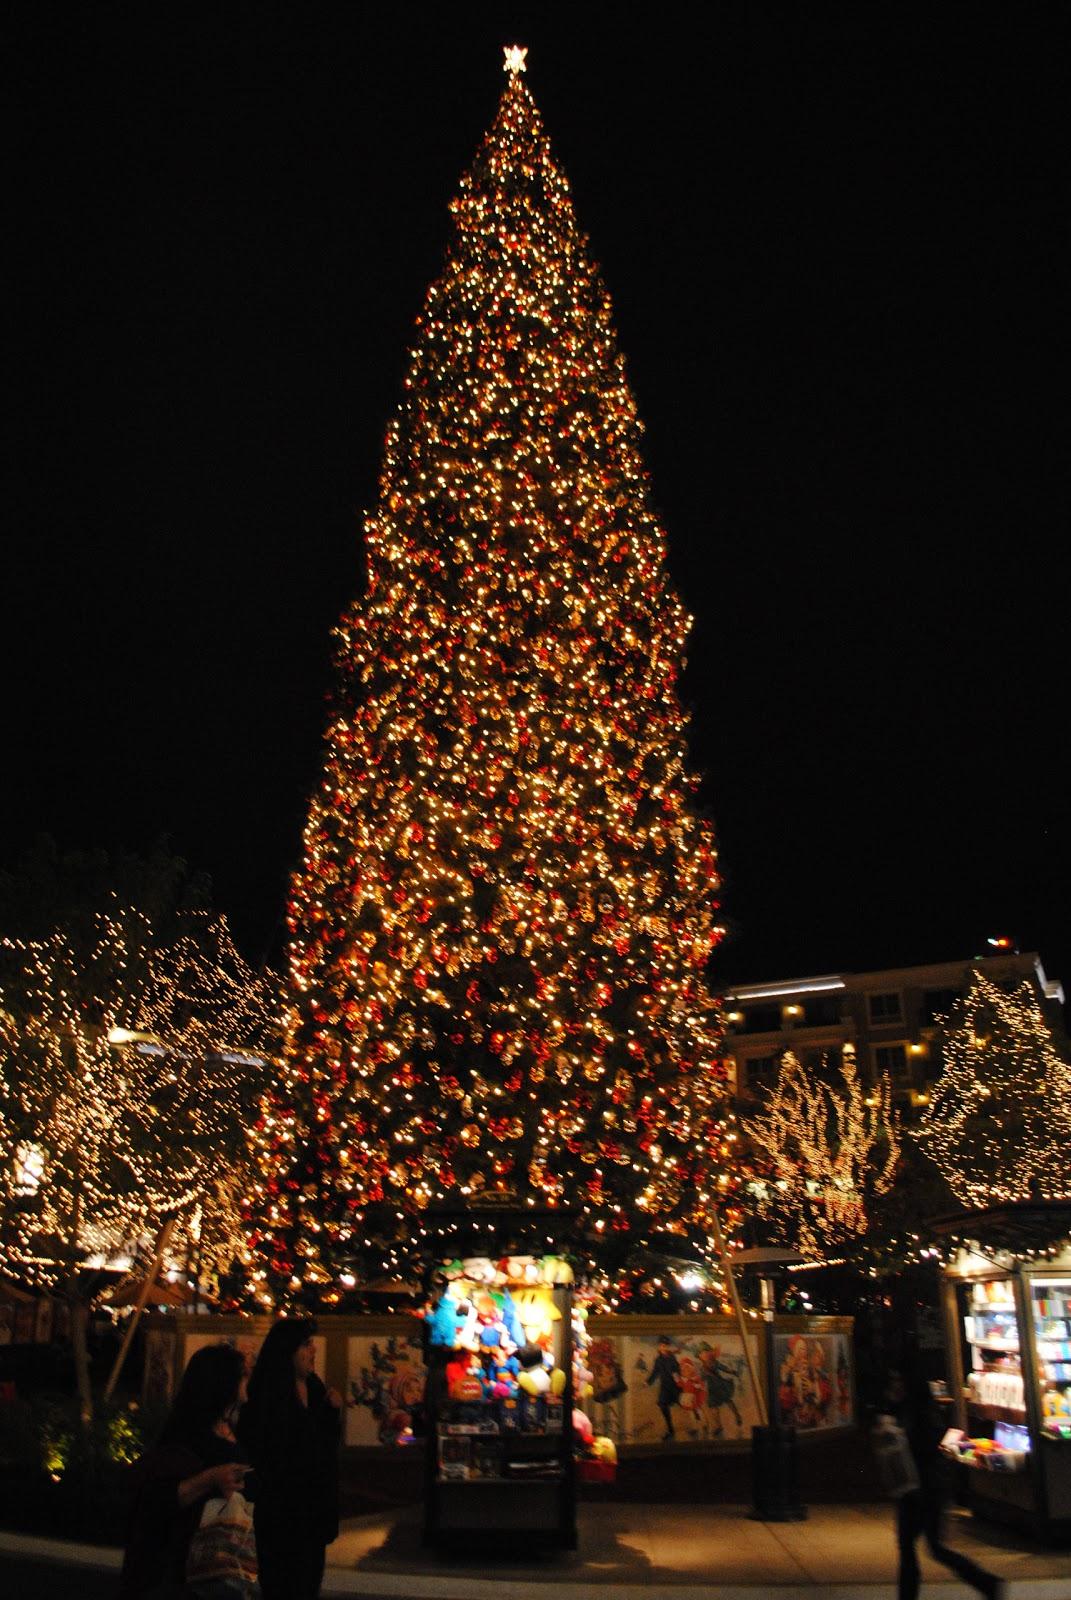 Tre sei cinque o christmas tree of giant proportions